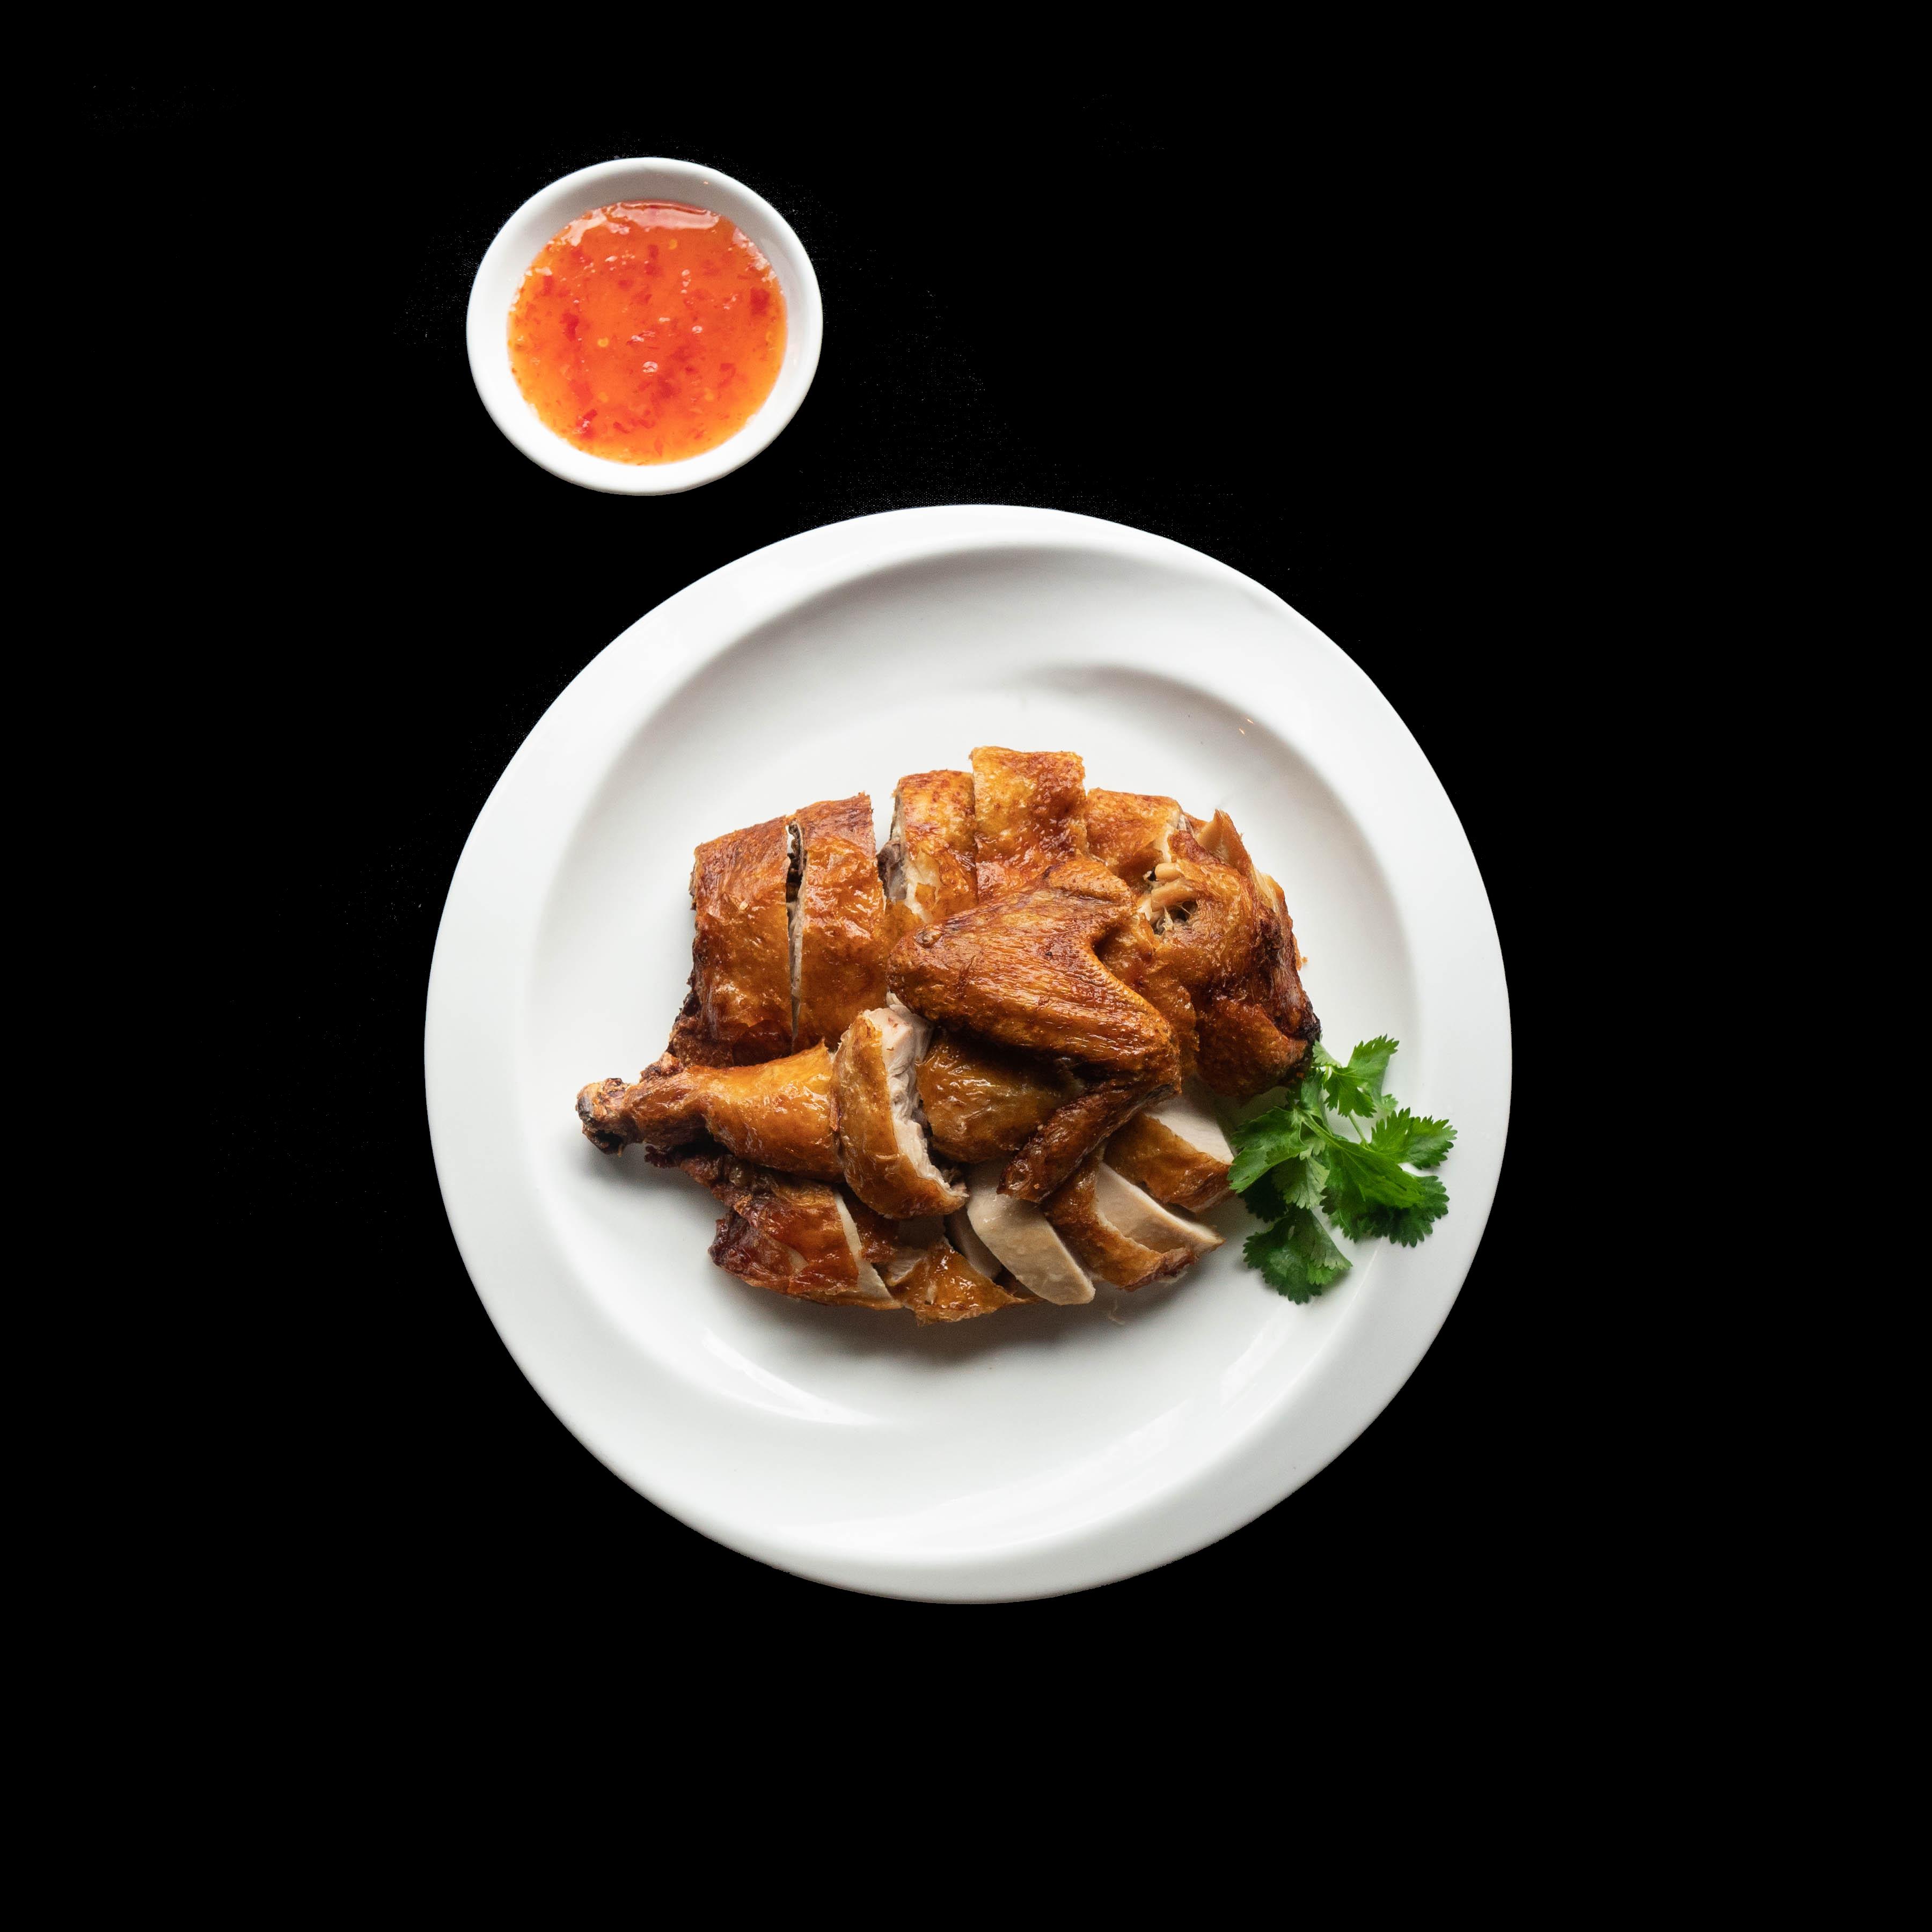 52. 脆皮炸子鸡  Crispy Skin Roasted Chicken Image